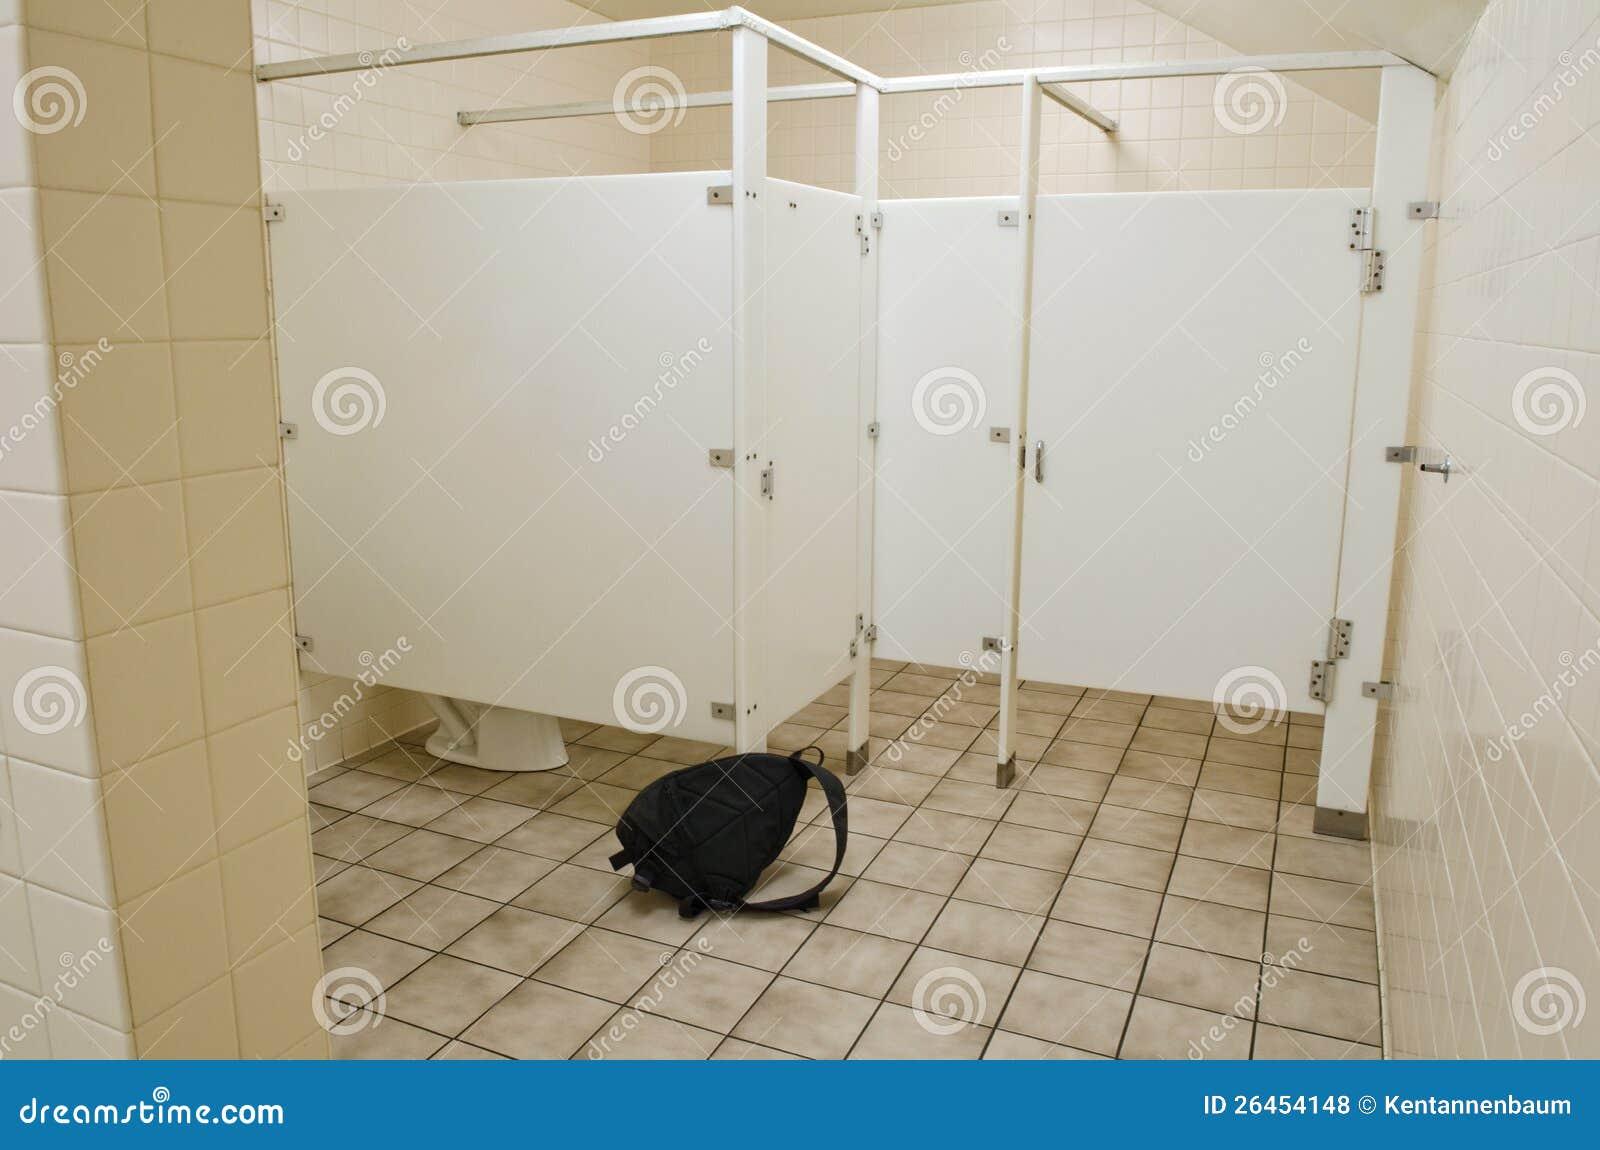 Suspicious Bag In Public Bathroom Stock Photo Image Of